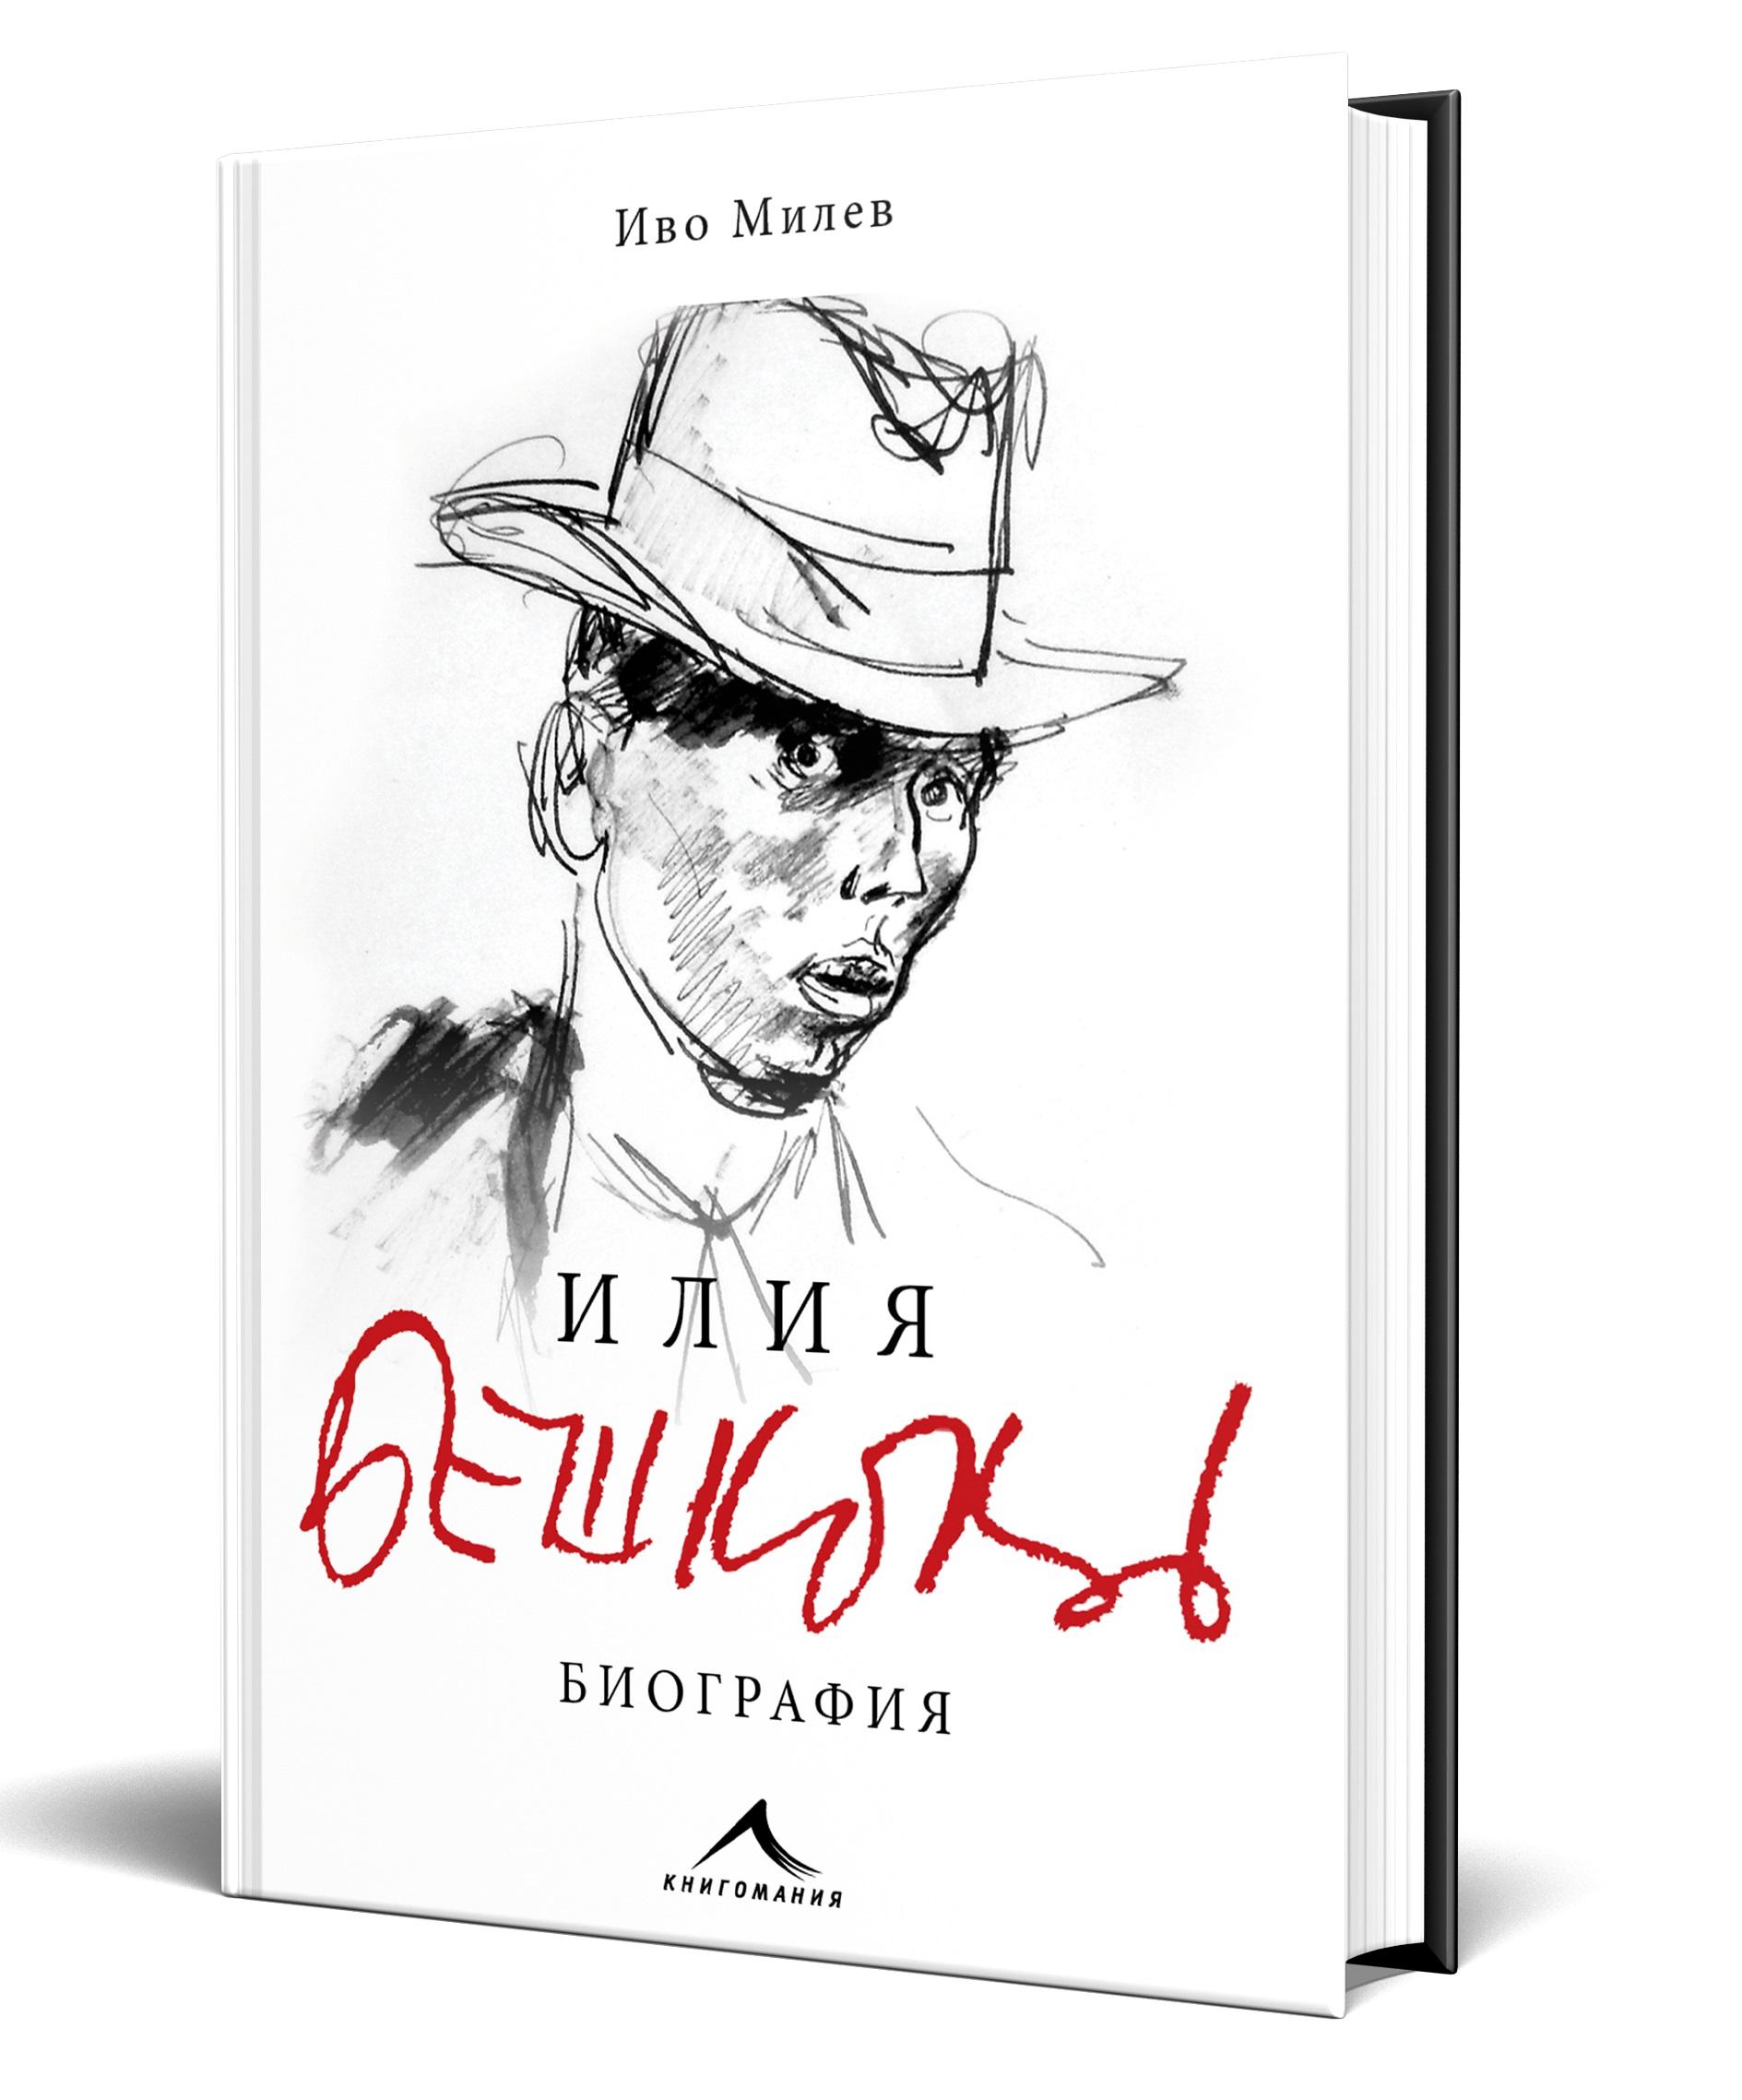 120 години от рождението на Илия Бешков – очаквайте скоро биографично издание